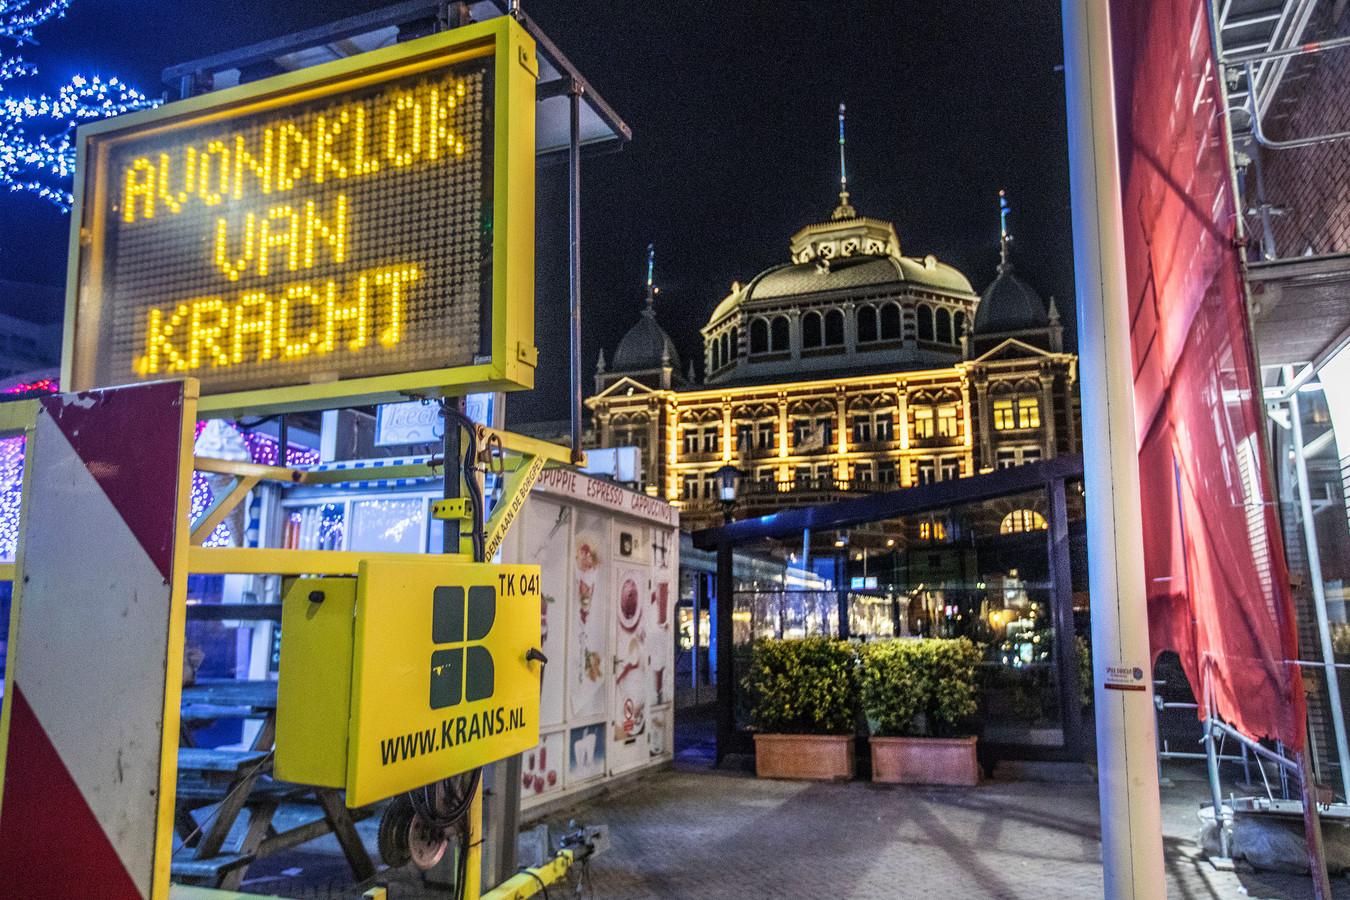 Beeld ter illustratie: avondklok in Scheveningen.